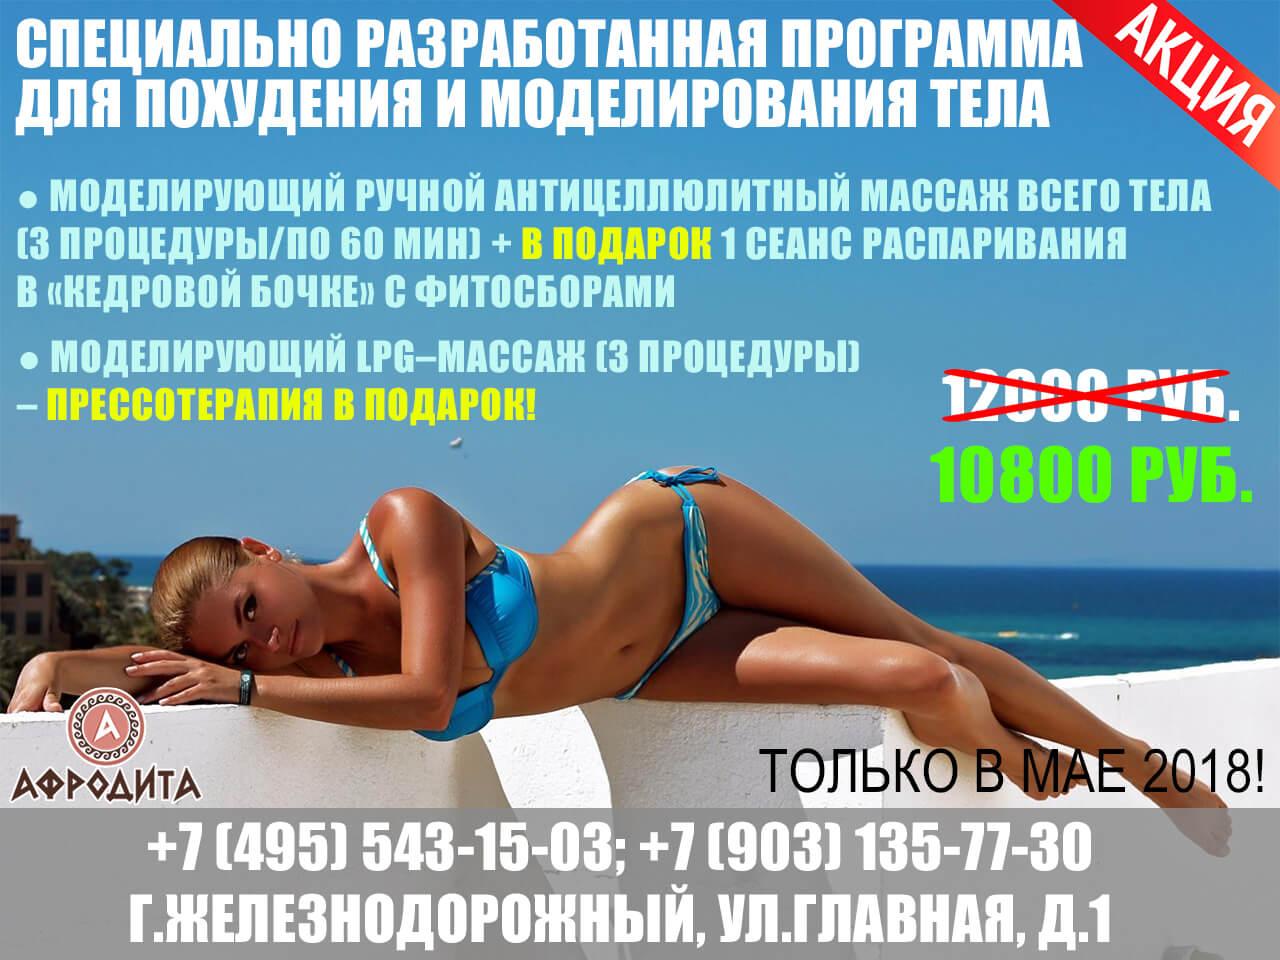 Программы Для Похудения В Москве.